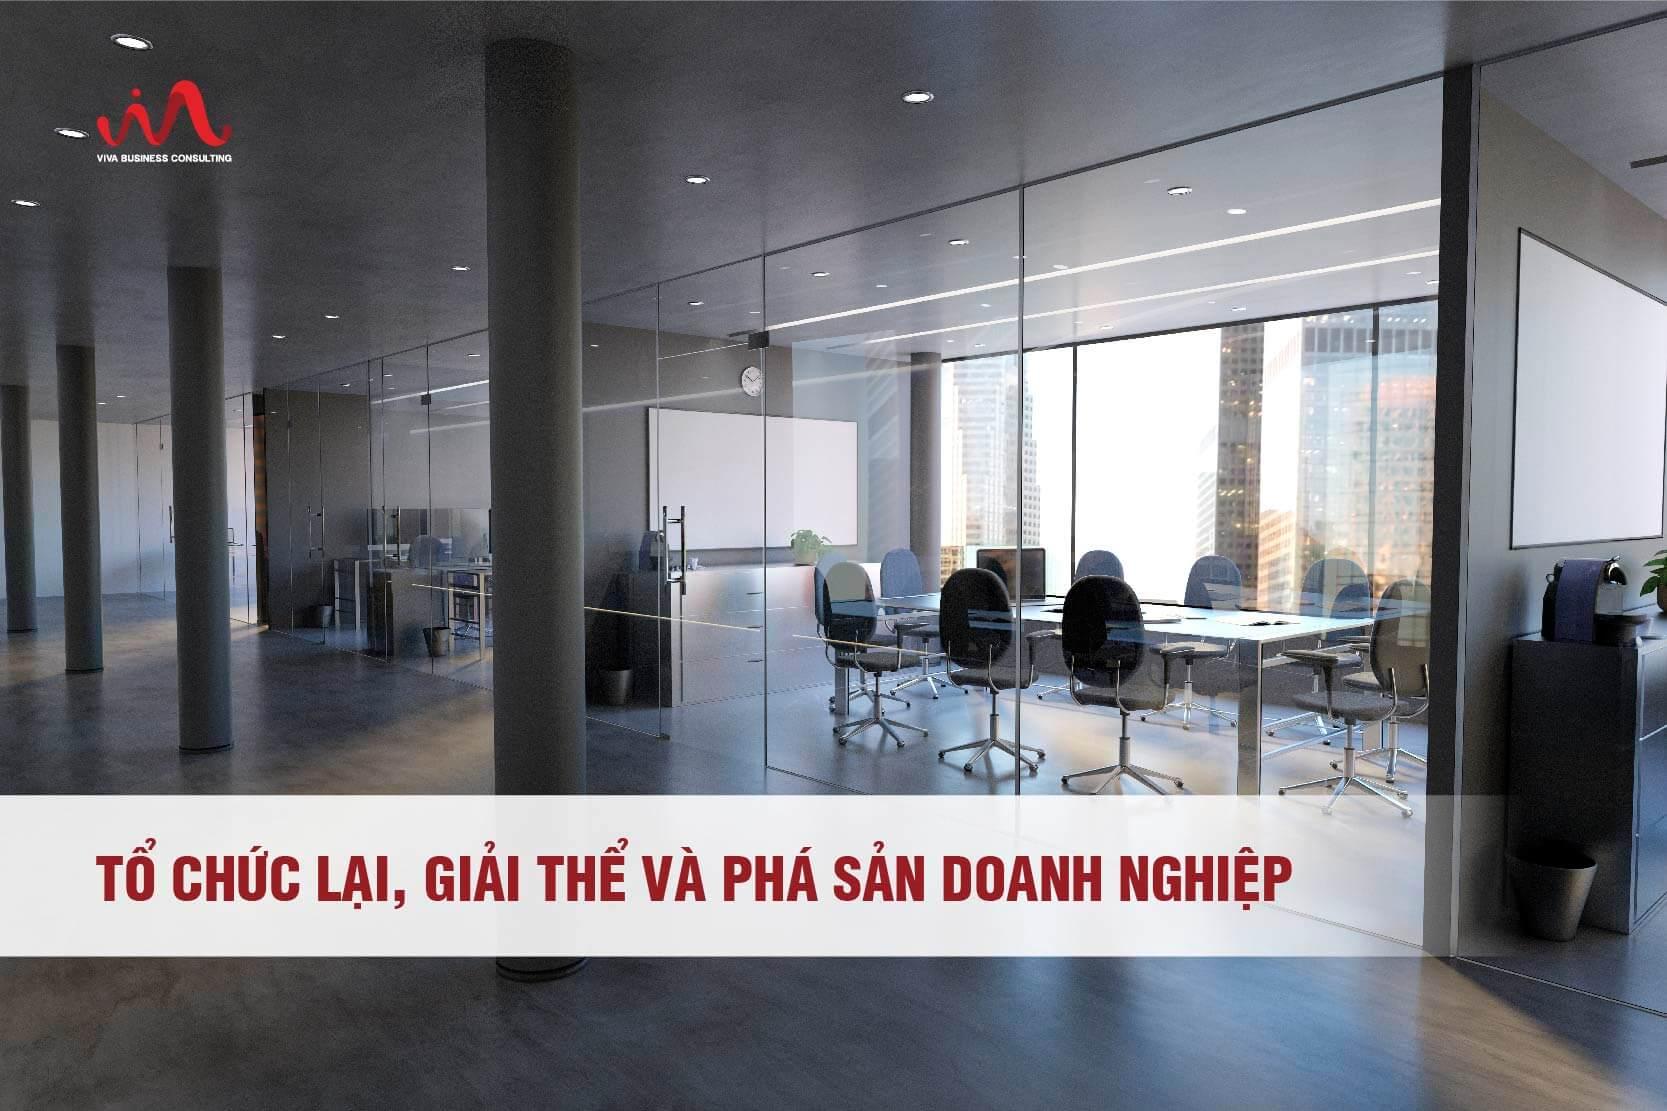 Thủ tục giải thể doanh nghiệp tại Việt Nam